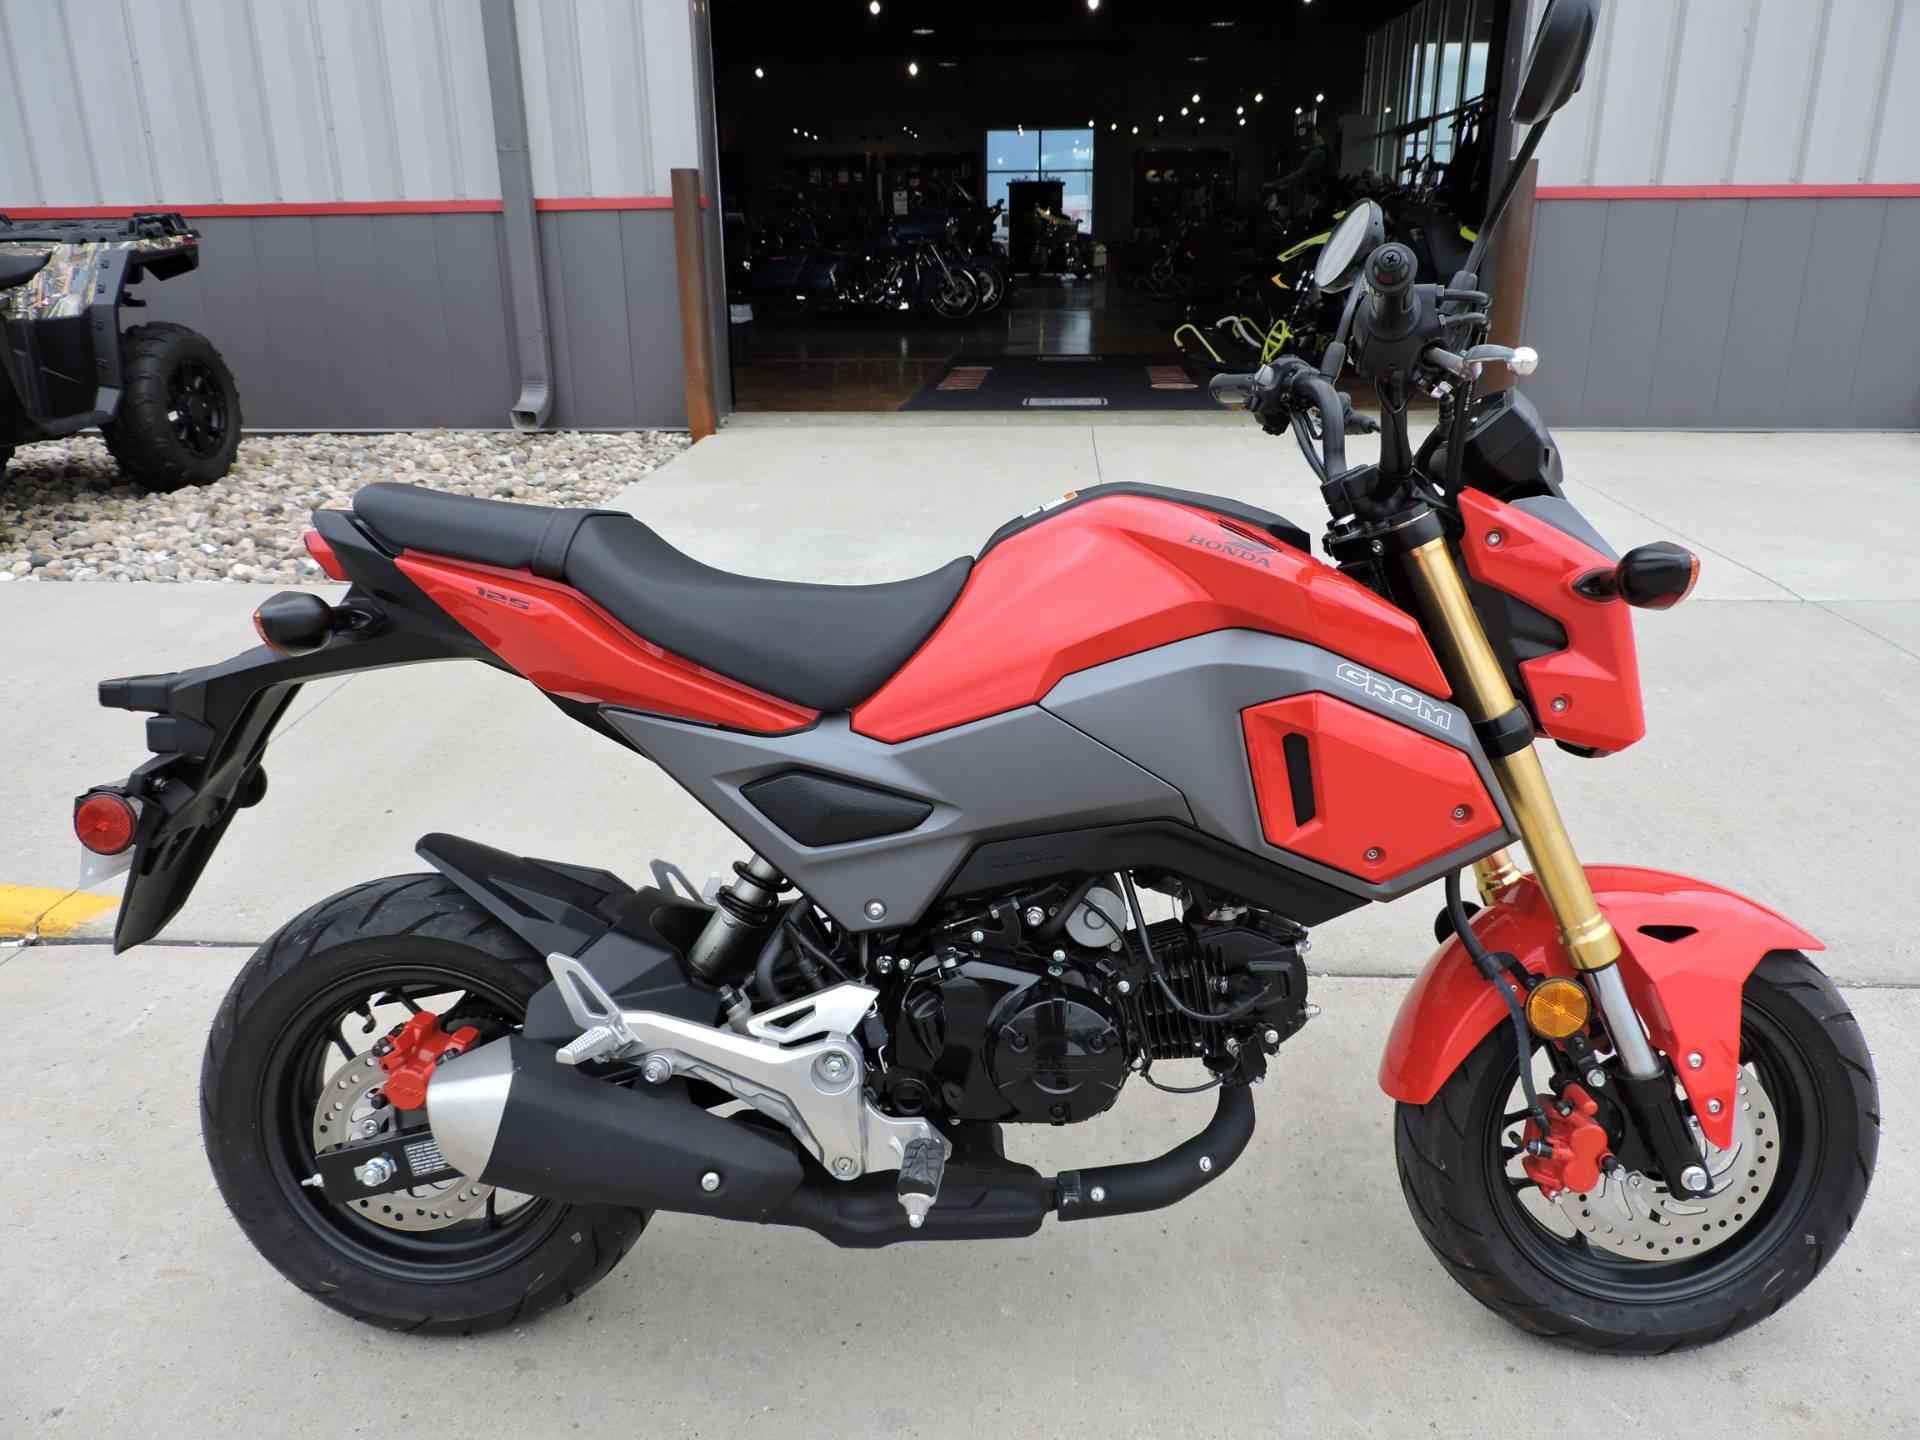 Used 2017 Honda Grom Motorcycles In